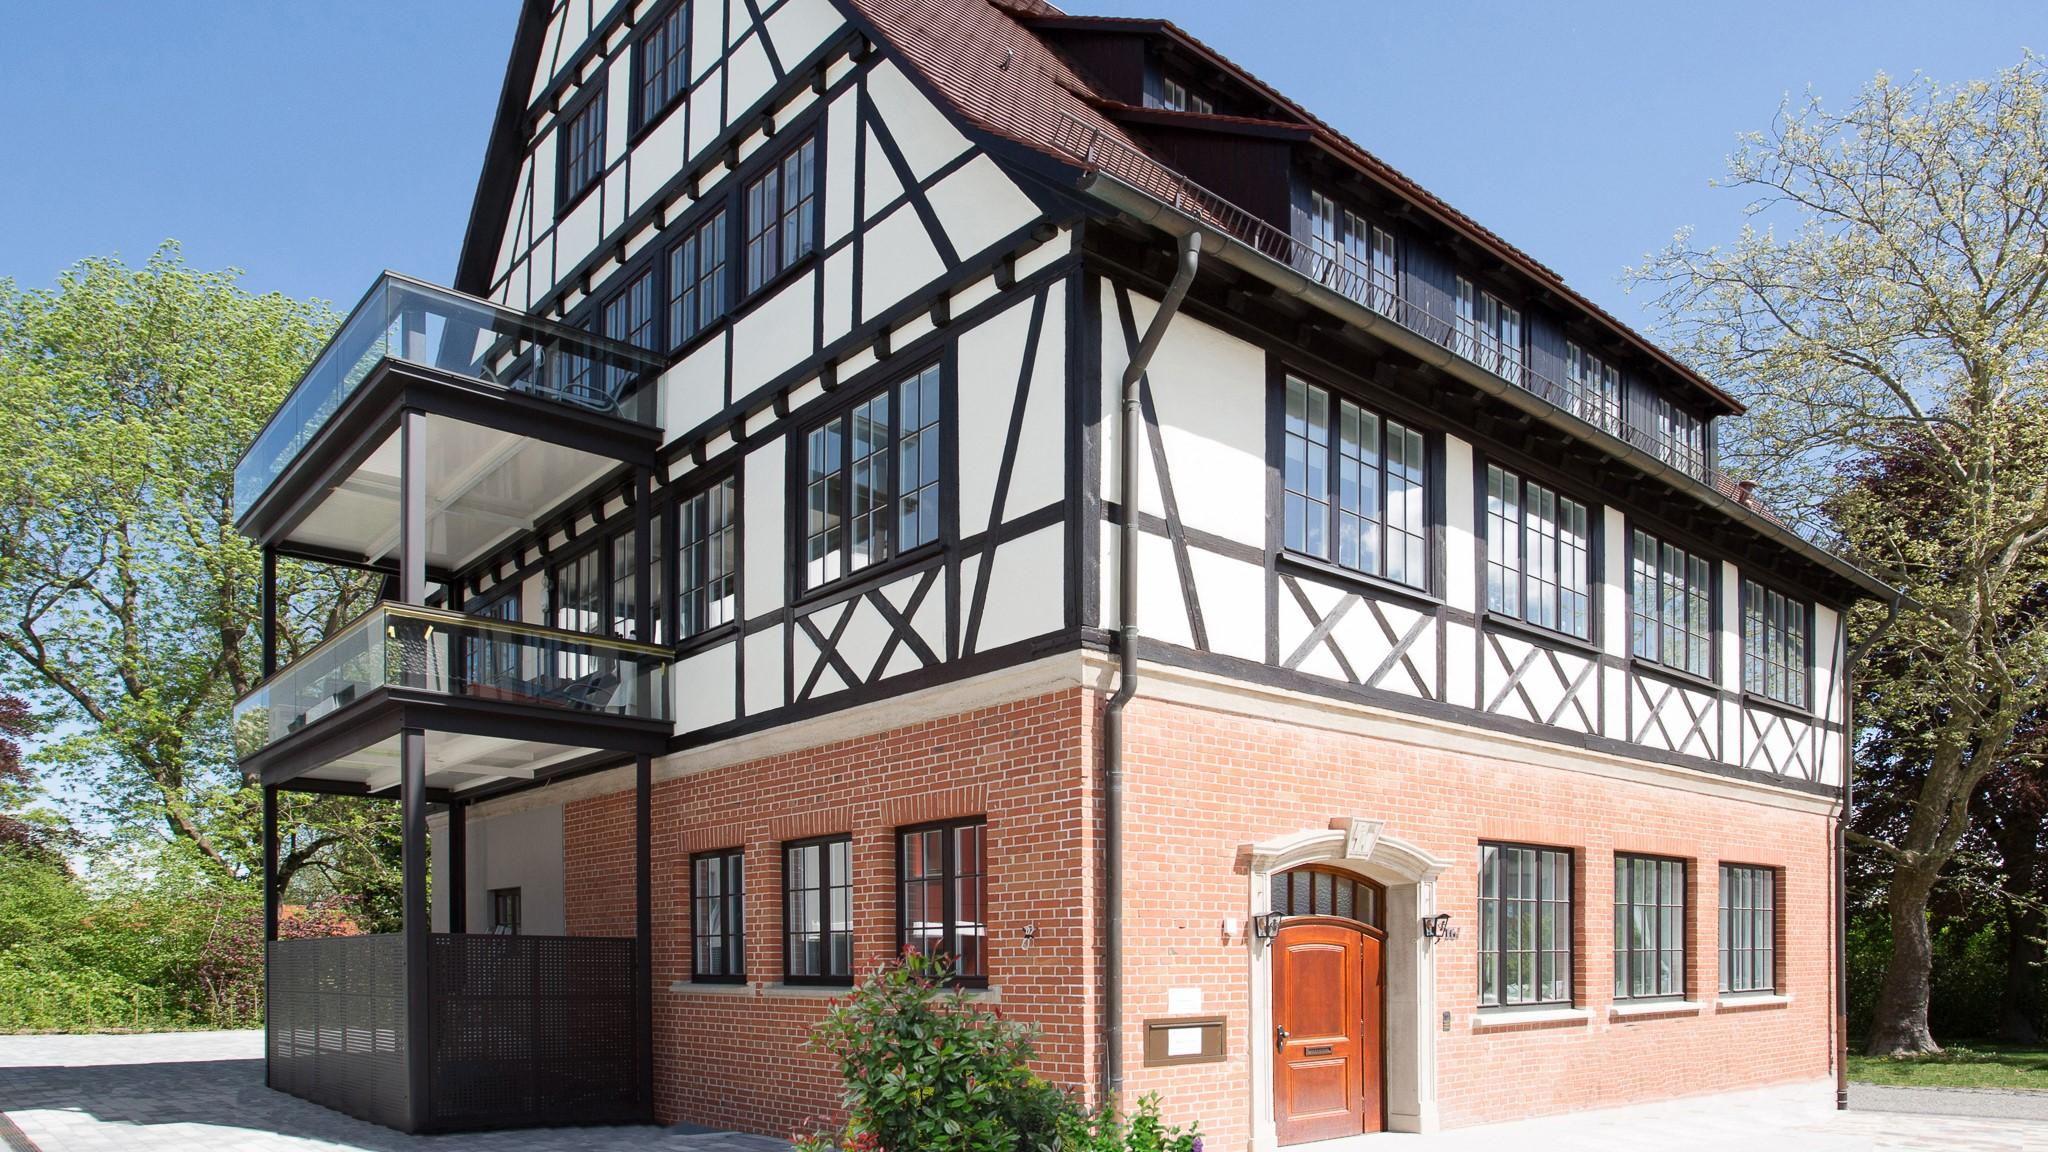 Stahlbalkon aus Stahl München - Denkmalschutz Balkone Fachwerkhaus